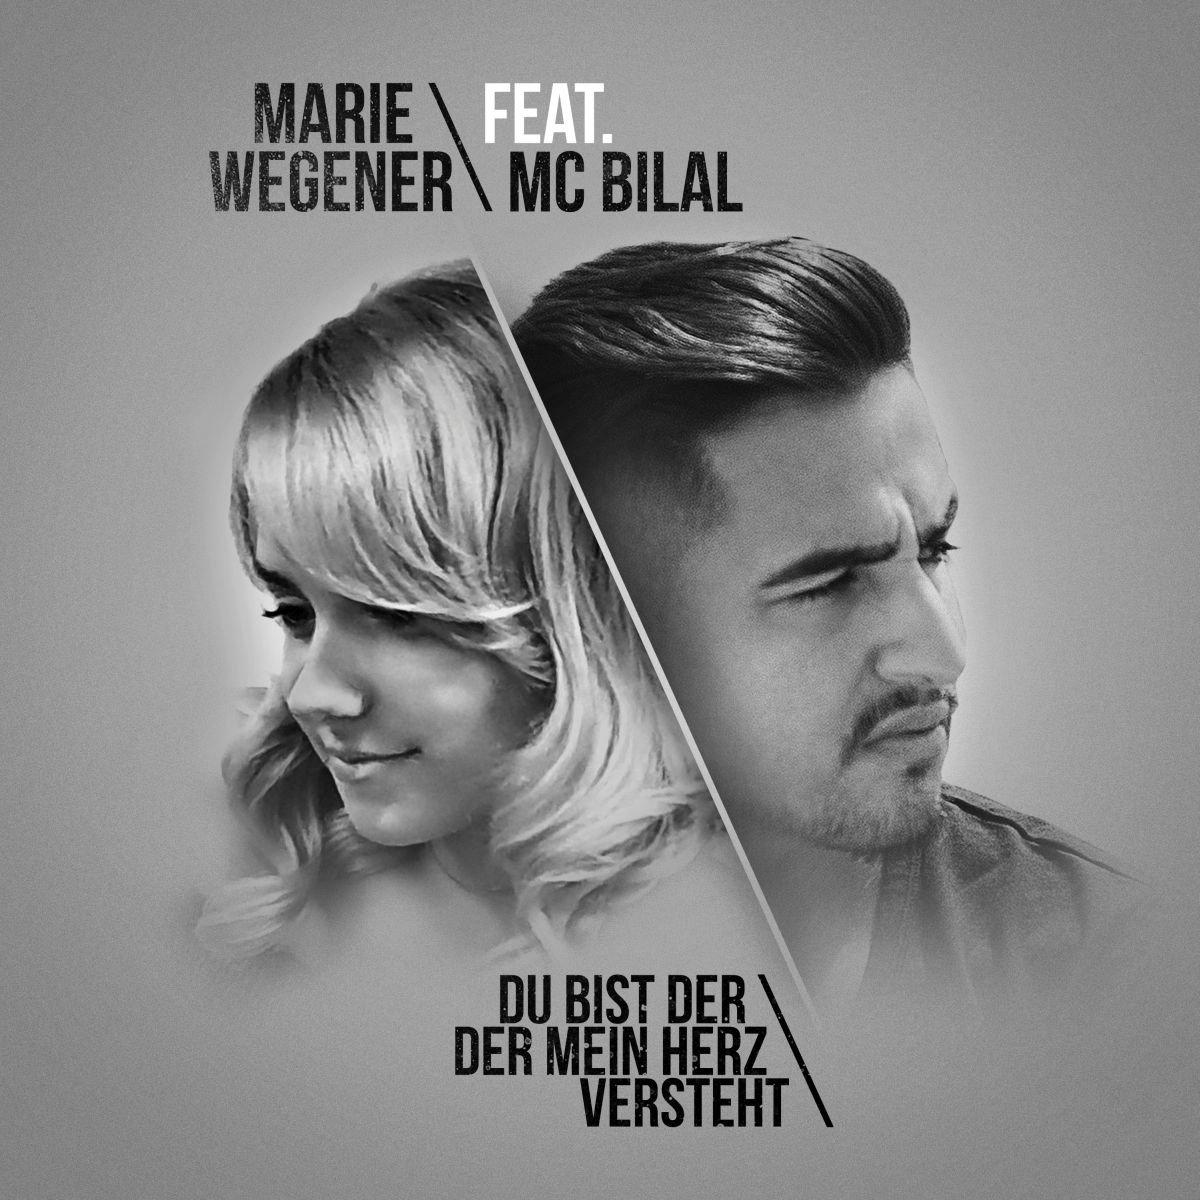 Marie Wegener Feat Mc Bilal Du Bist Der Der Mein Herz Versteht